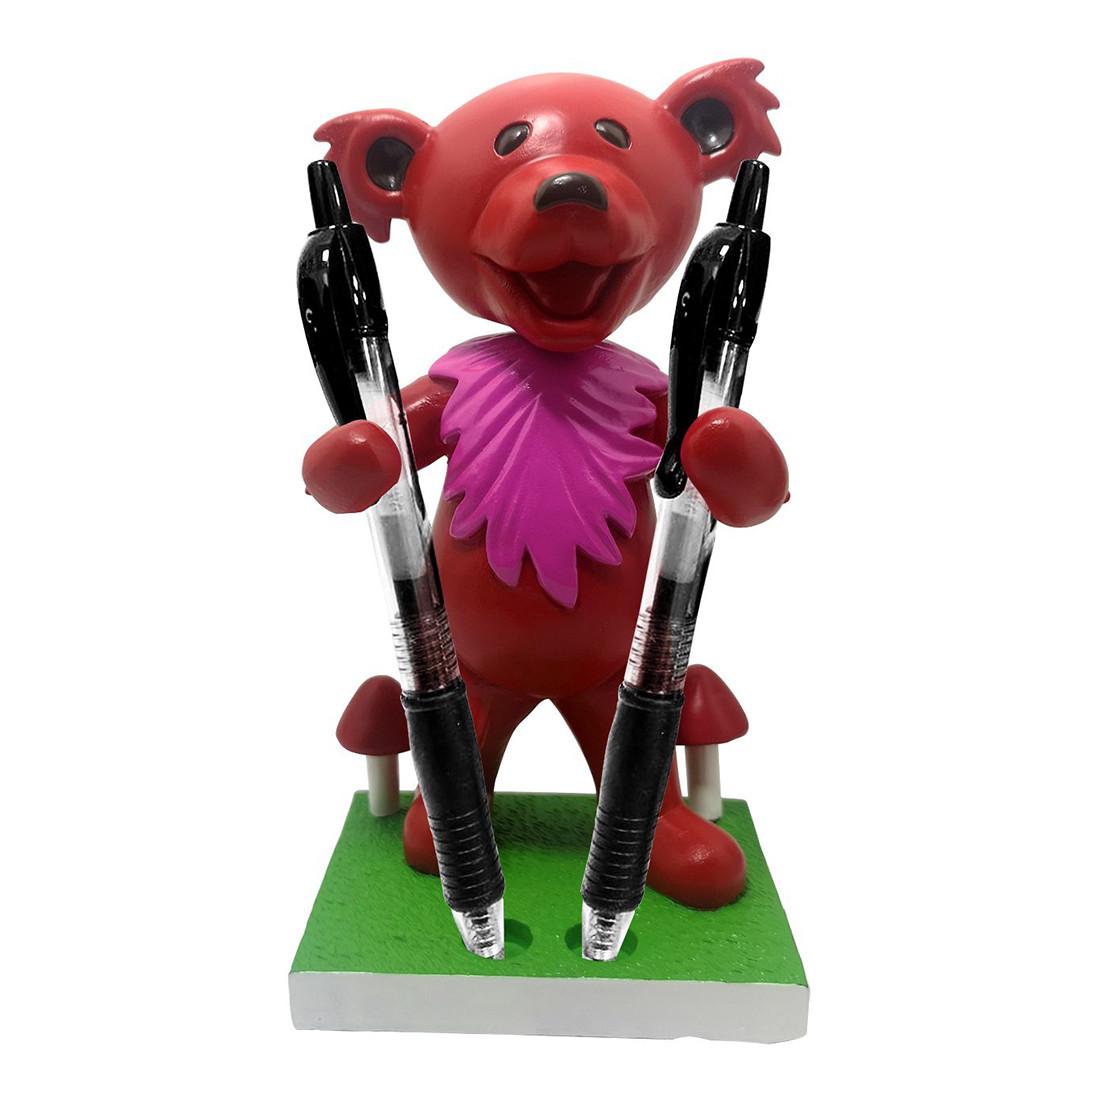 GD Bobblehead Dancing Bear Red Holder